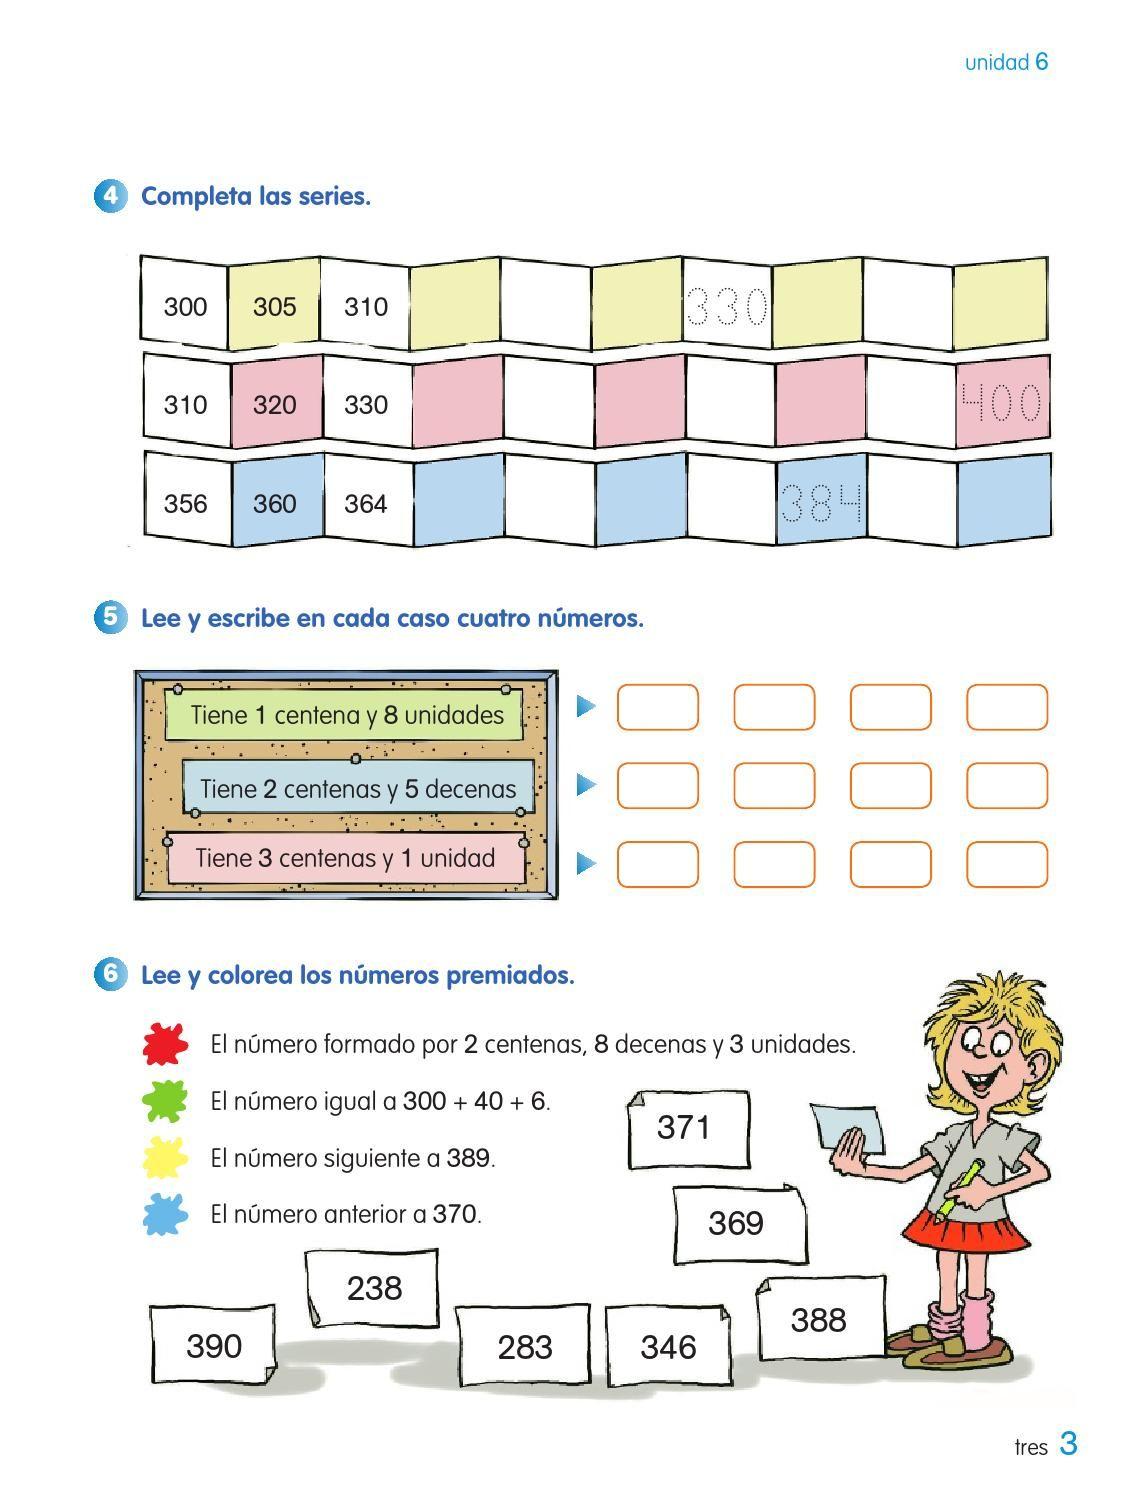 Cuaderno De Matematicas 2º De Primaria Segundo Trimestre Los Caminos Del Saber Santillana Cuadernos De Matematicas Matematicas Leer Y Escribir